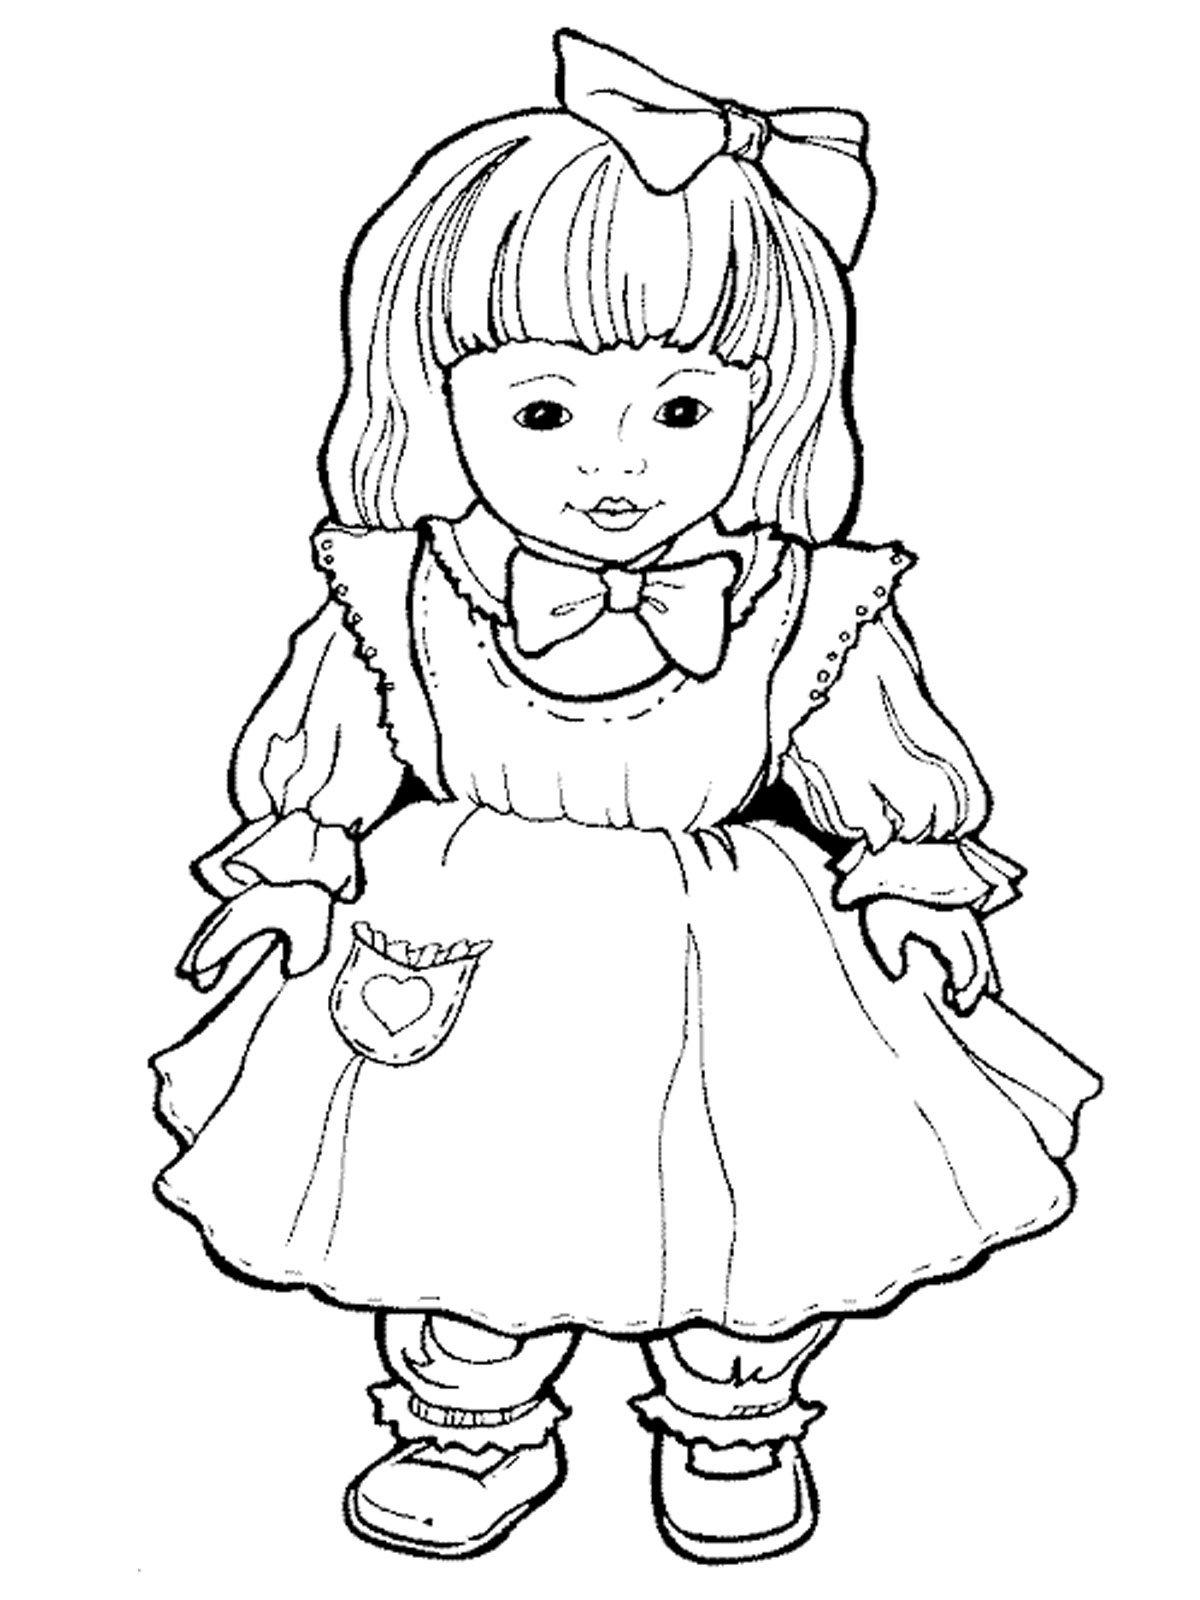 Девочка картинка чб для детей